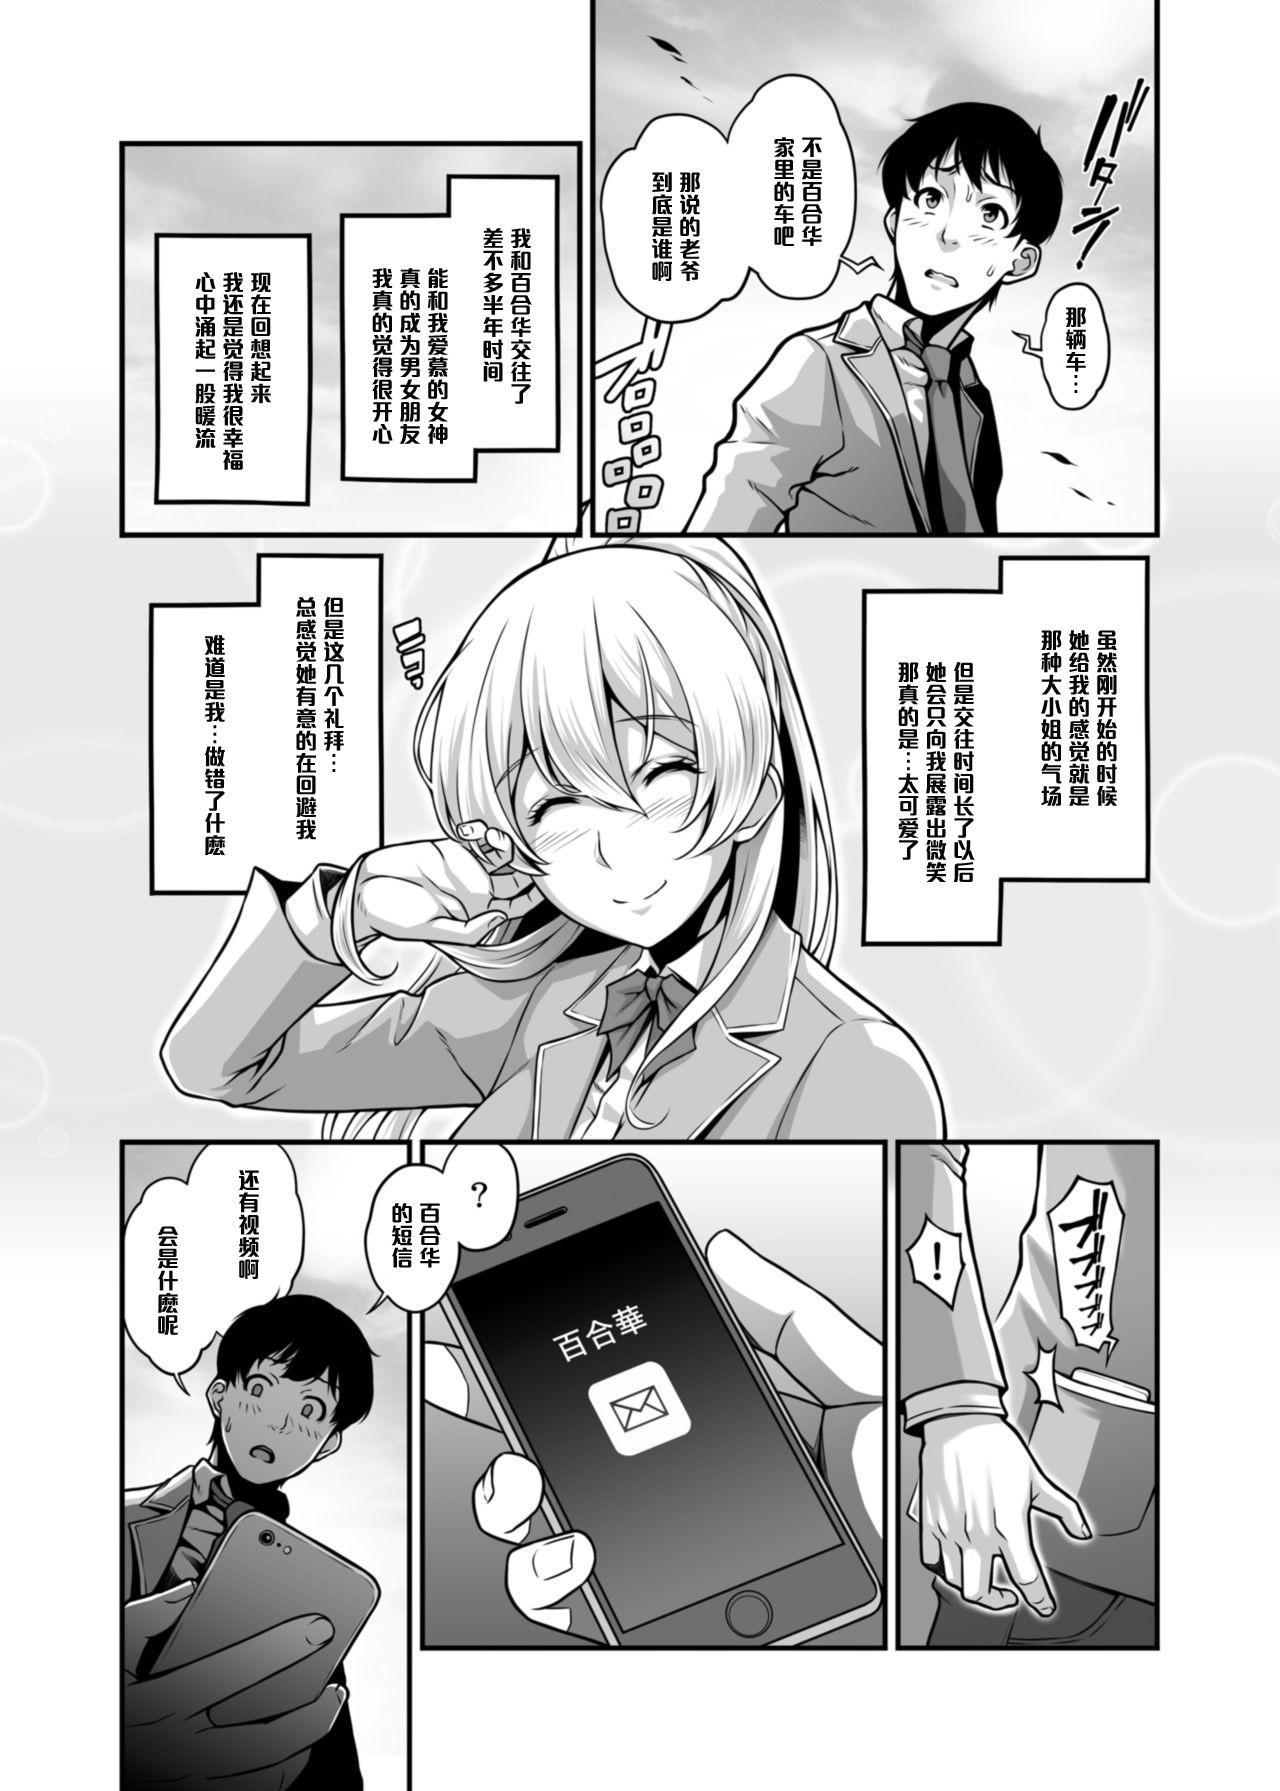 Daraku Reijou Hakoiri Ojou-sama Netorare Choukyou Kiroku 3